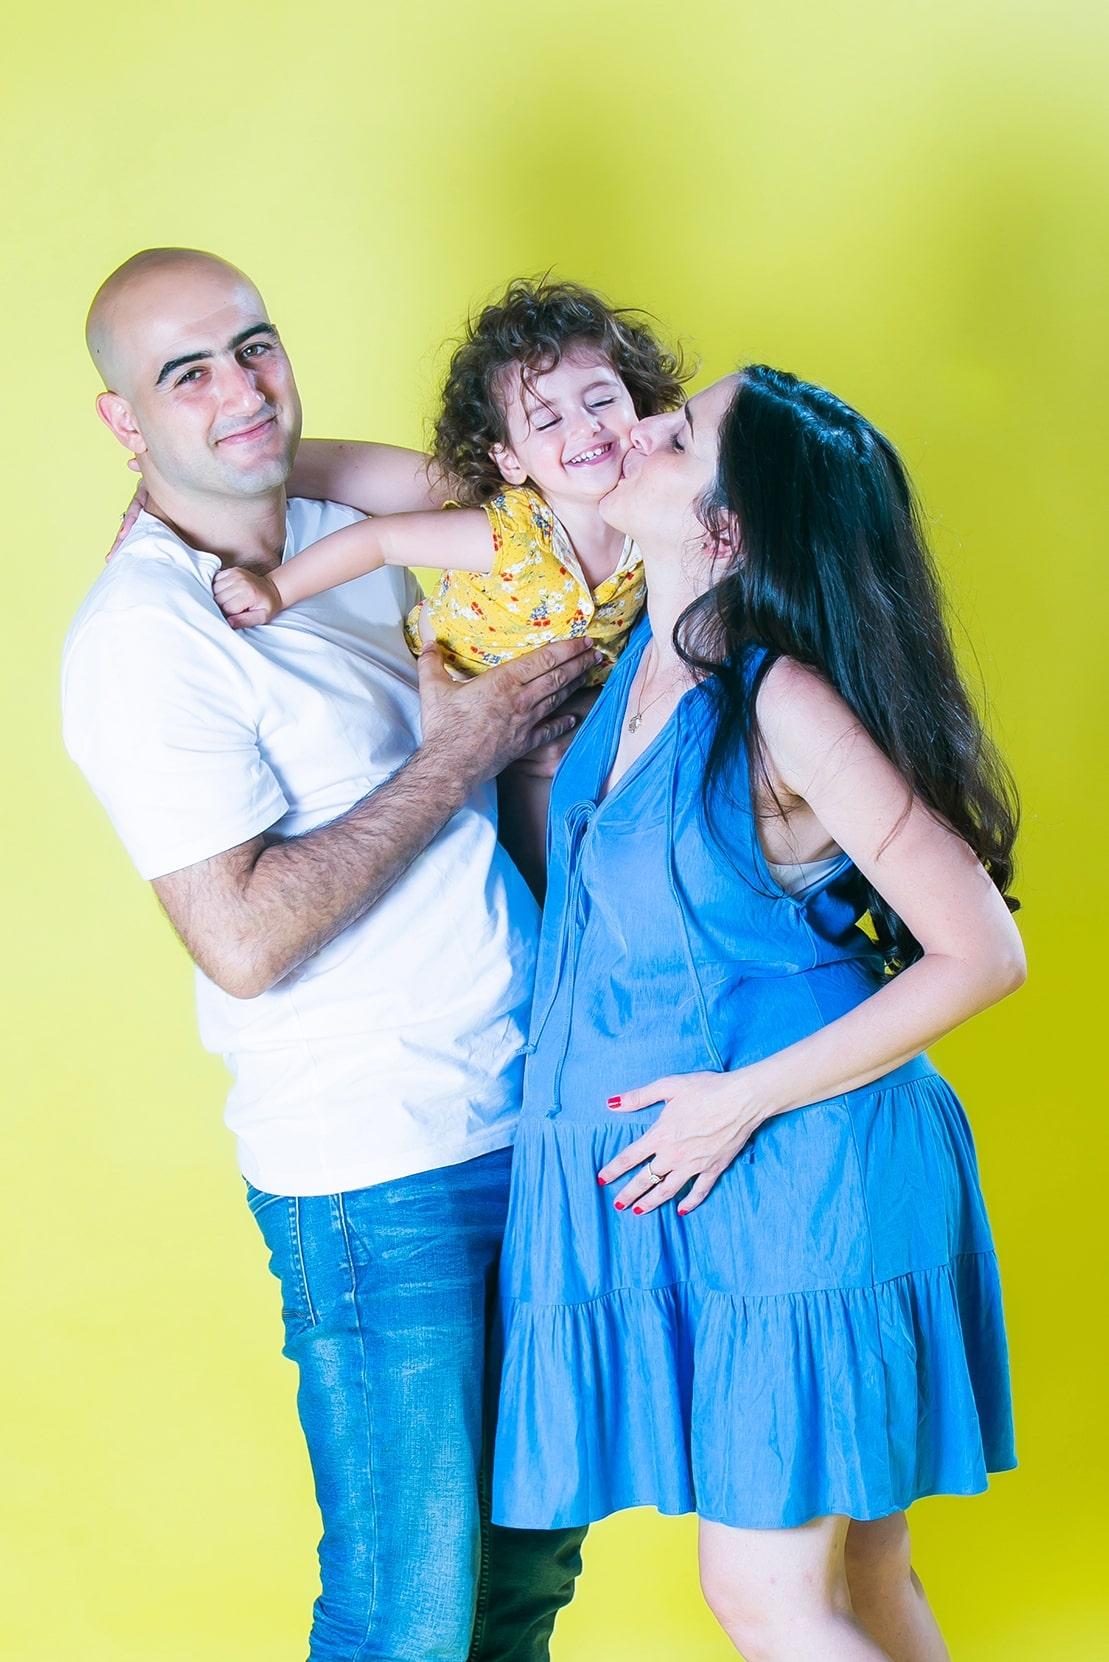 צילומי משפחה בסטודיו ברקע צהוב